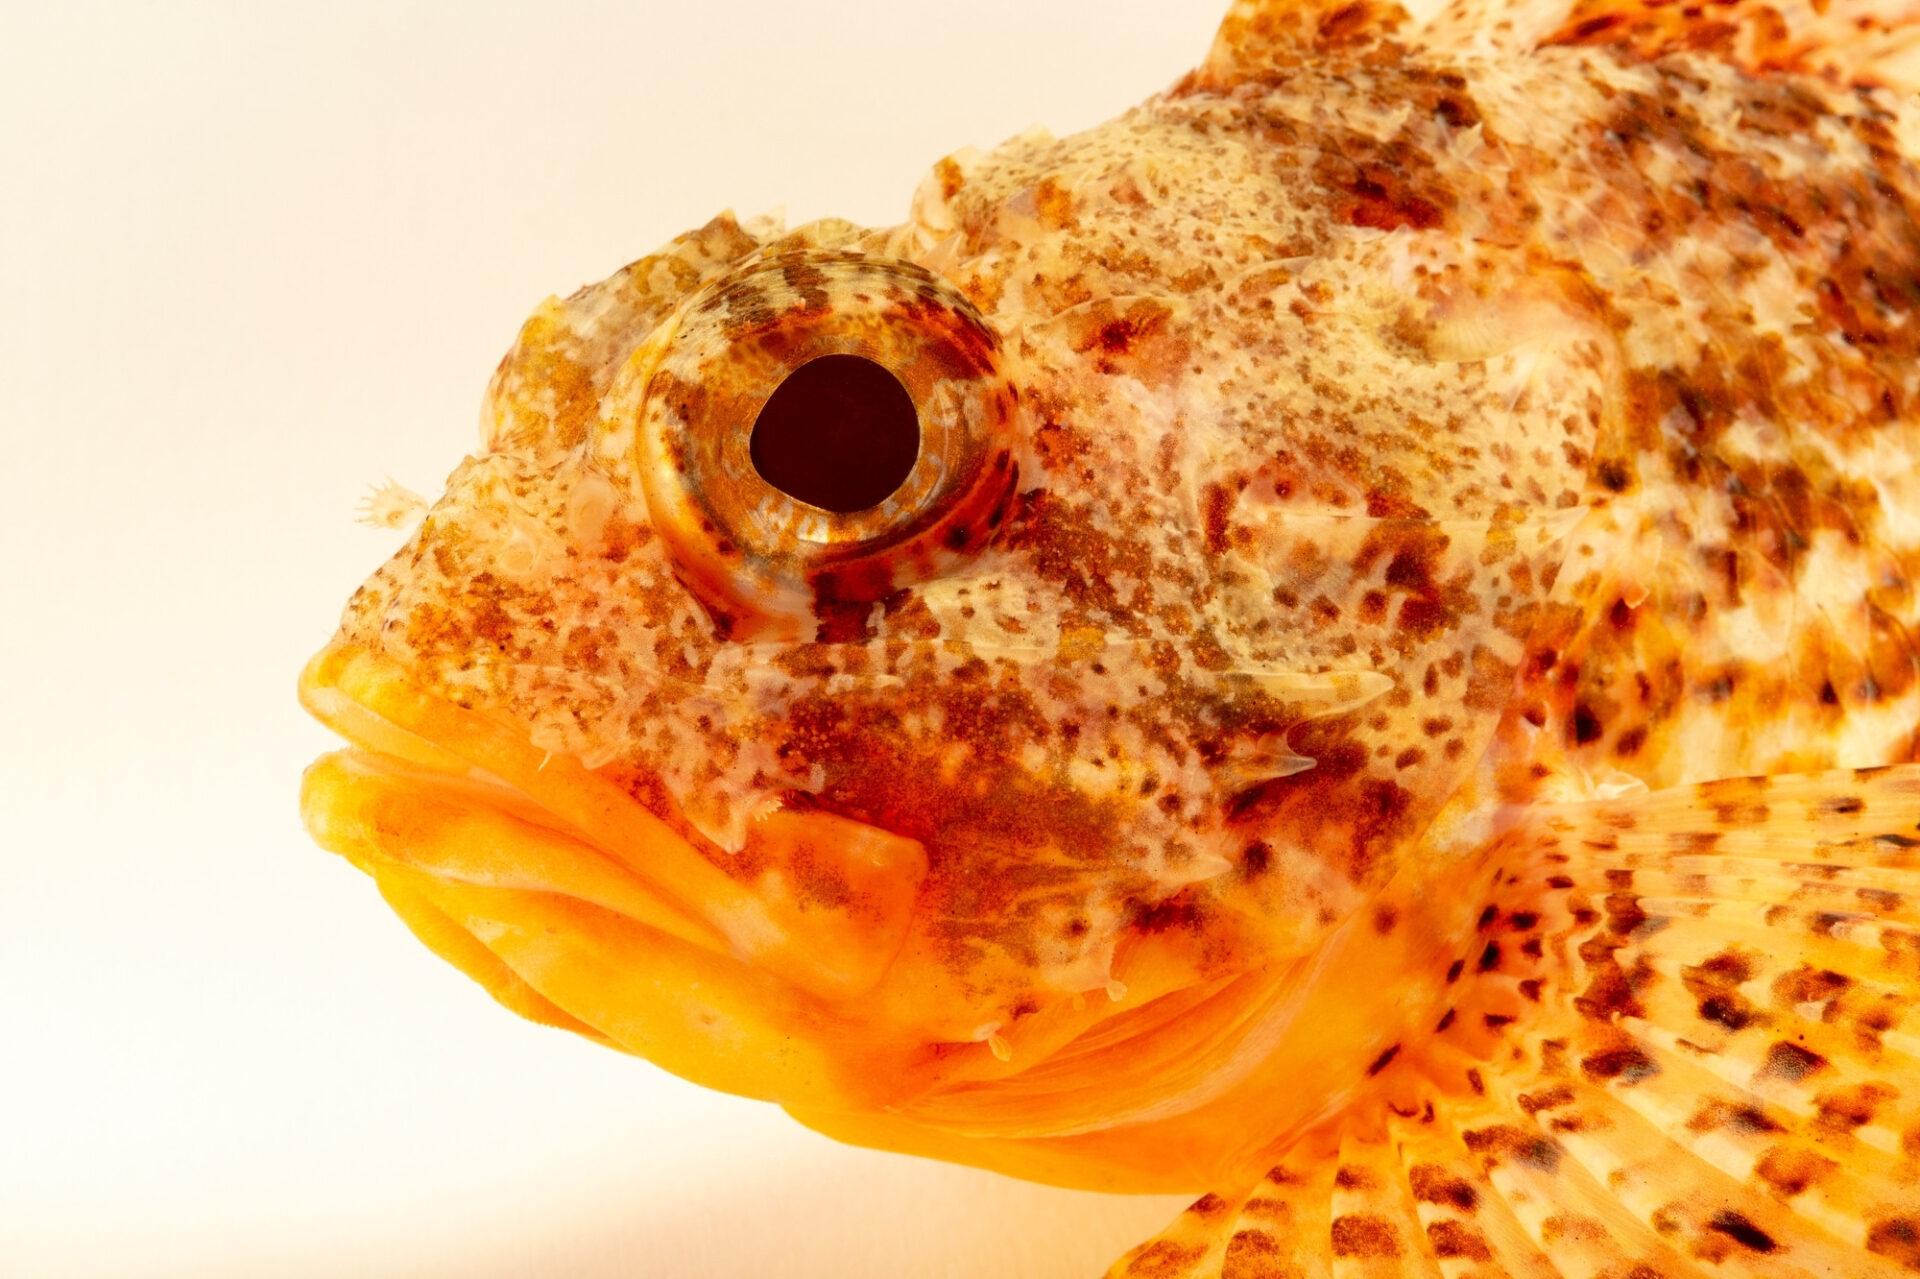 Photo: Small red scorpionfish, Scorpaena notata, at the Vasco da Gama Aquarium.